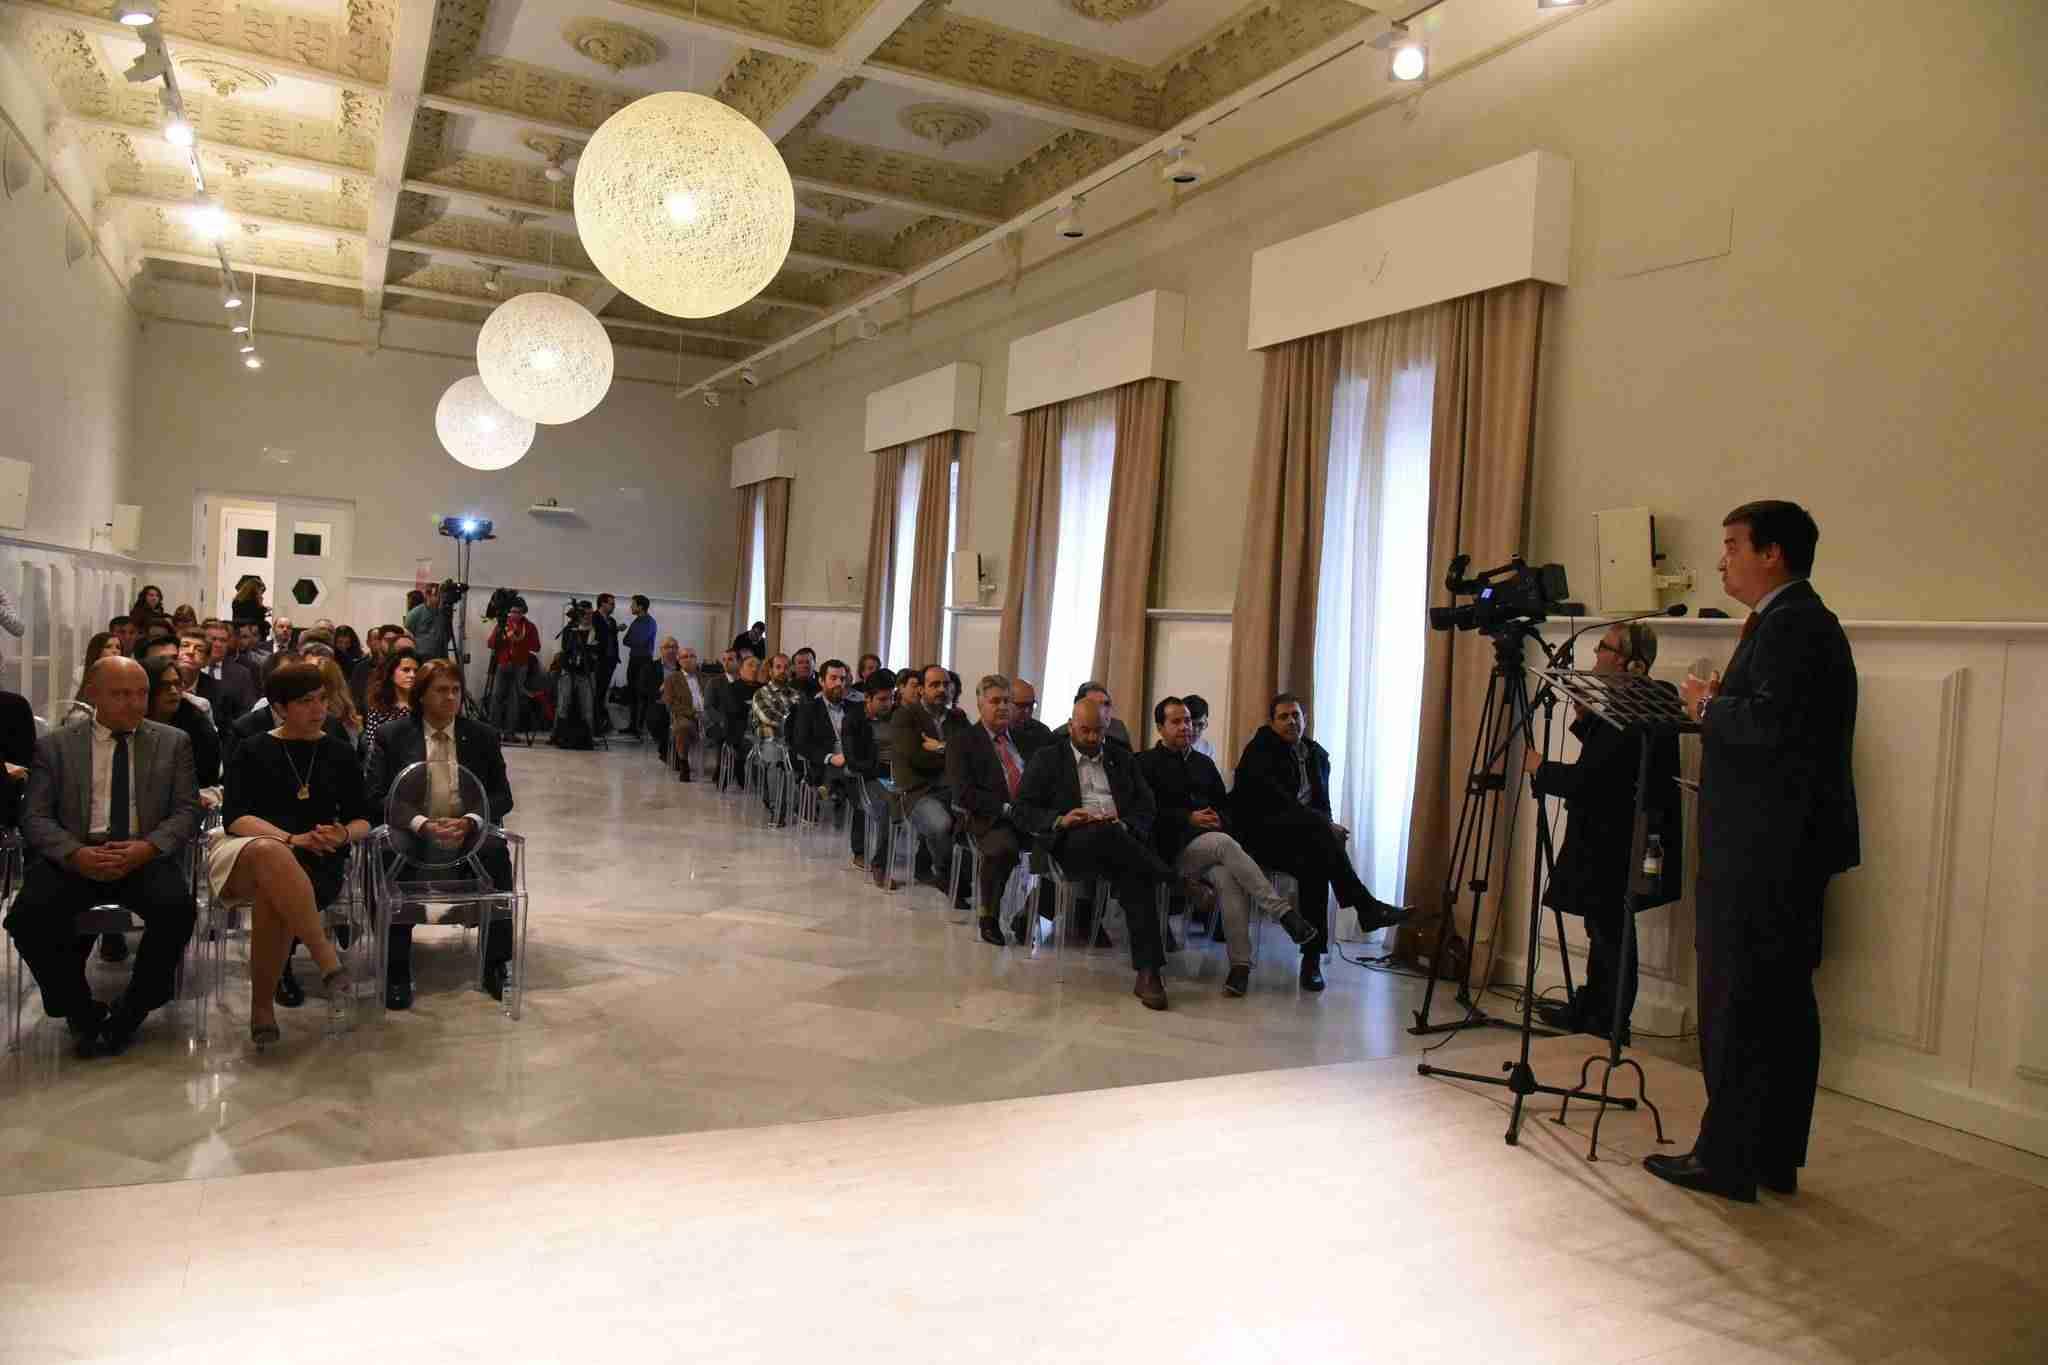 premios vinos feria los sabores 1 alcazar - El consejero de Agricultura inauguró la XI Feria de los Sabores de Alcázar de San Juan